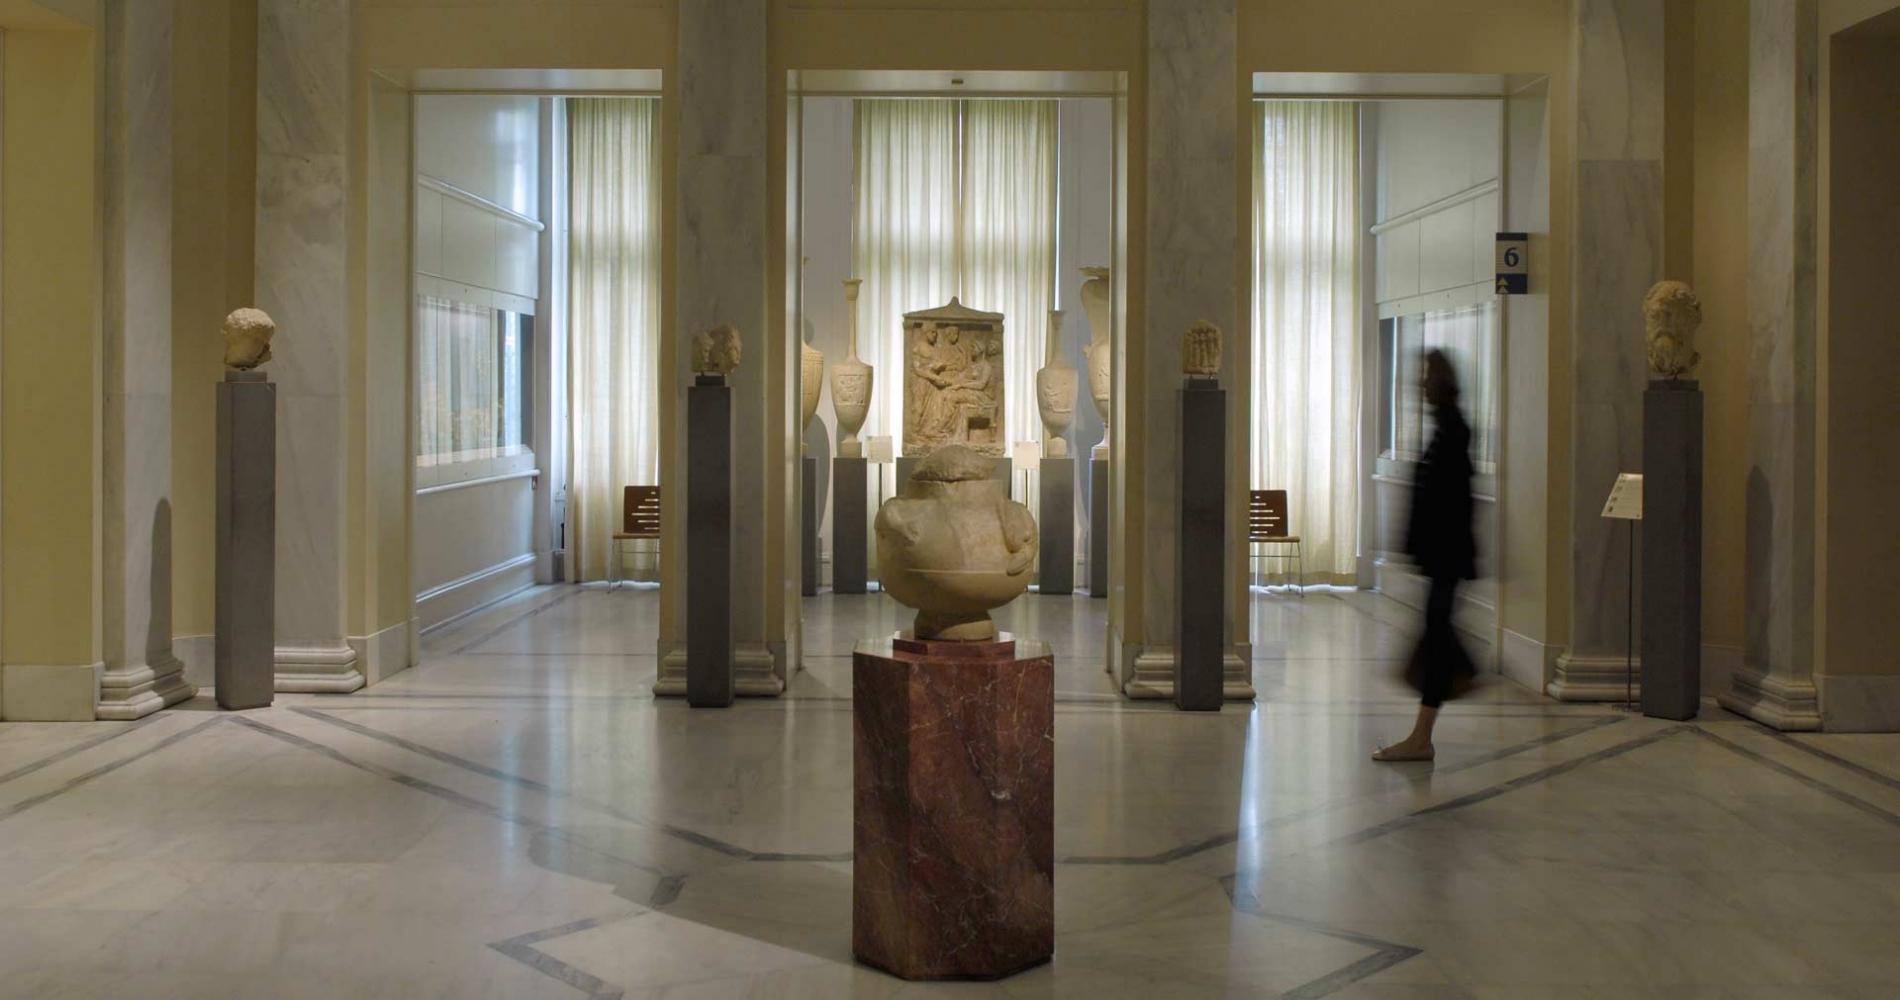 ΜΟΥΣΕΙΟ ΕΛΛΗΝΙΚΟΥ ΠΟΛΙΤΙΣΜΟΥ - Μουσείο Μπενάκη